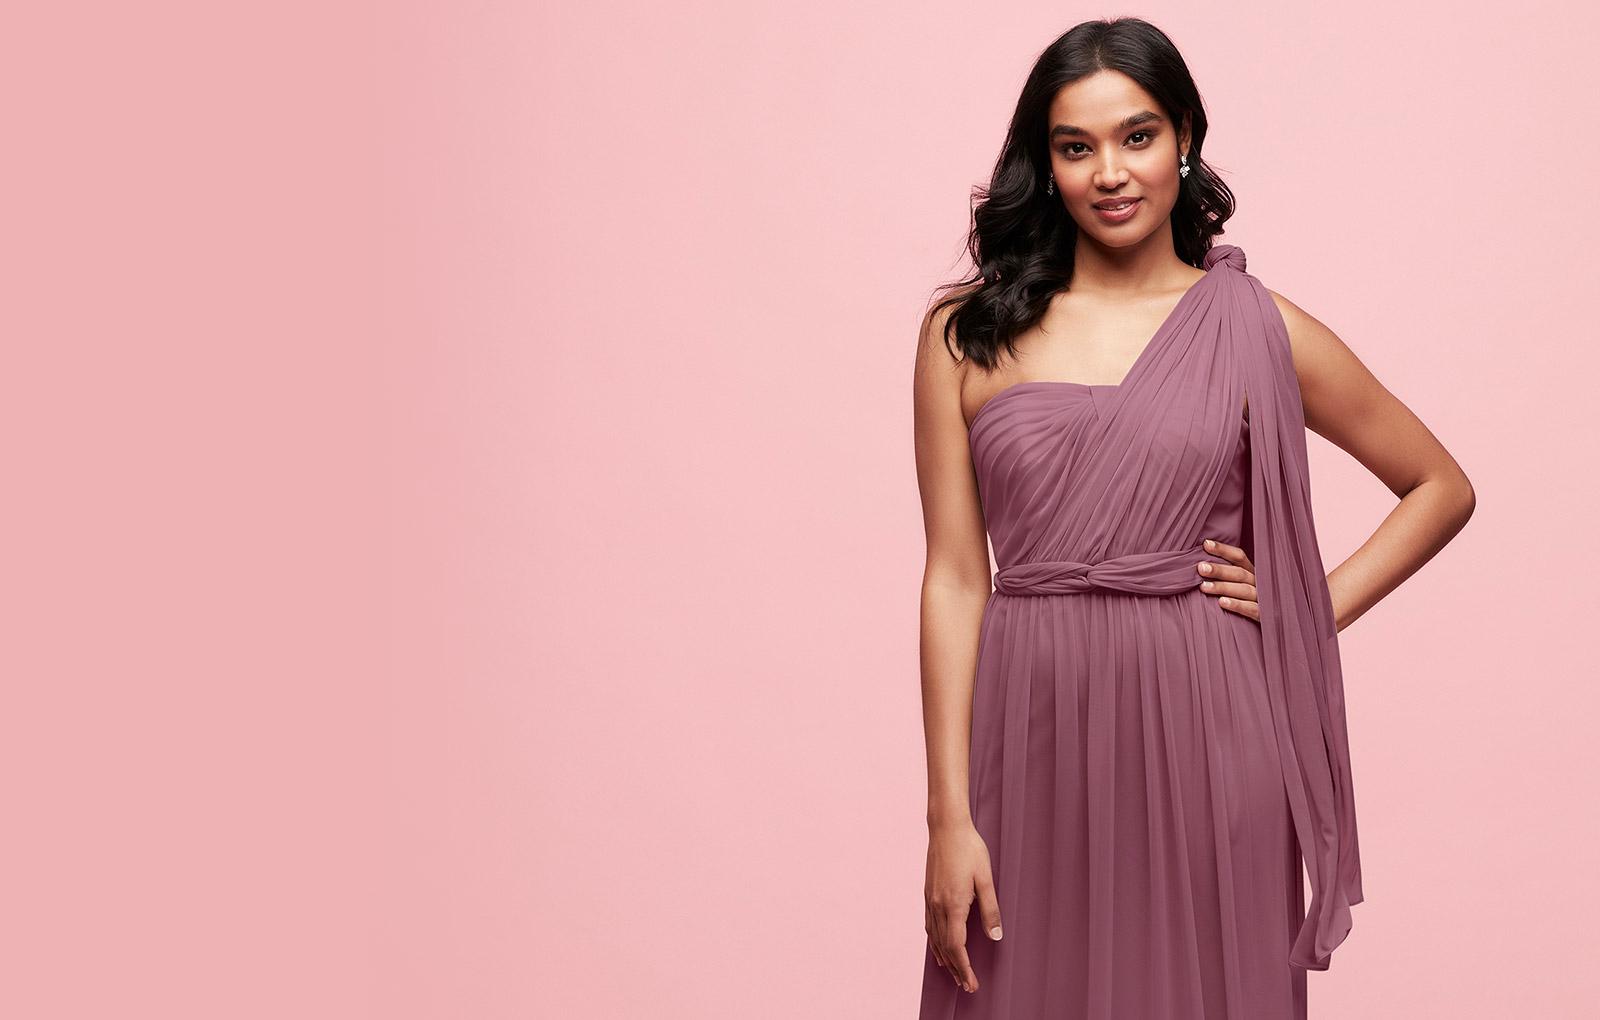 Convertible Dress, Convertible Dress Australia